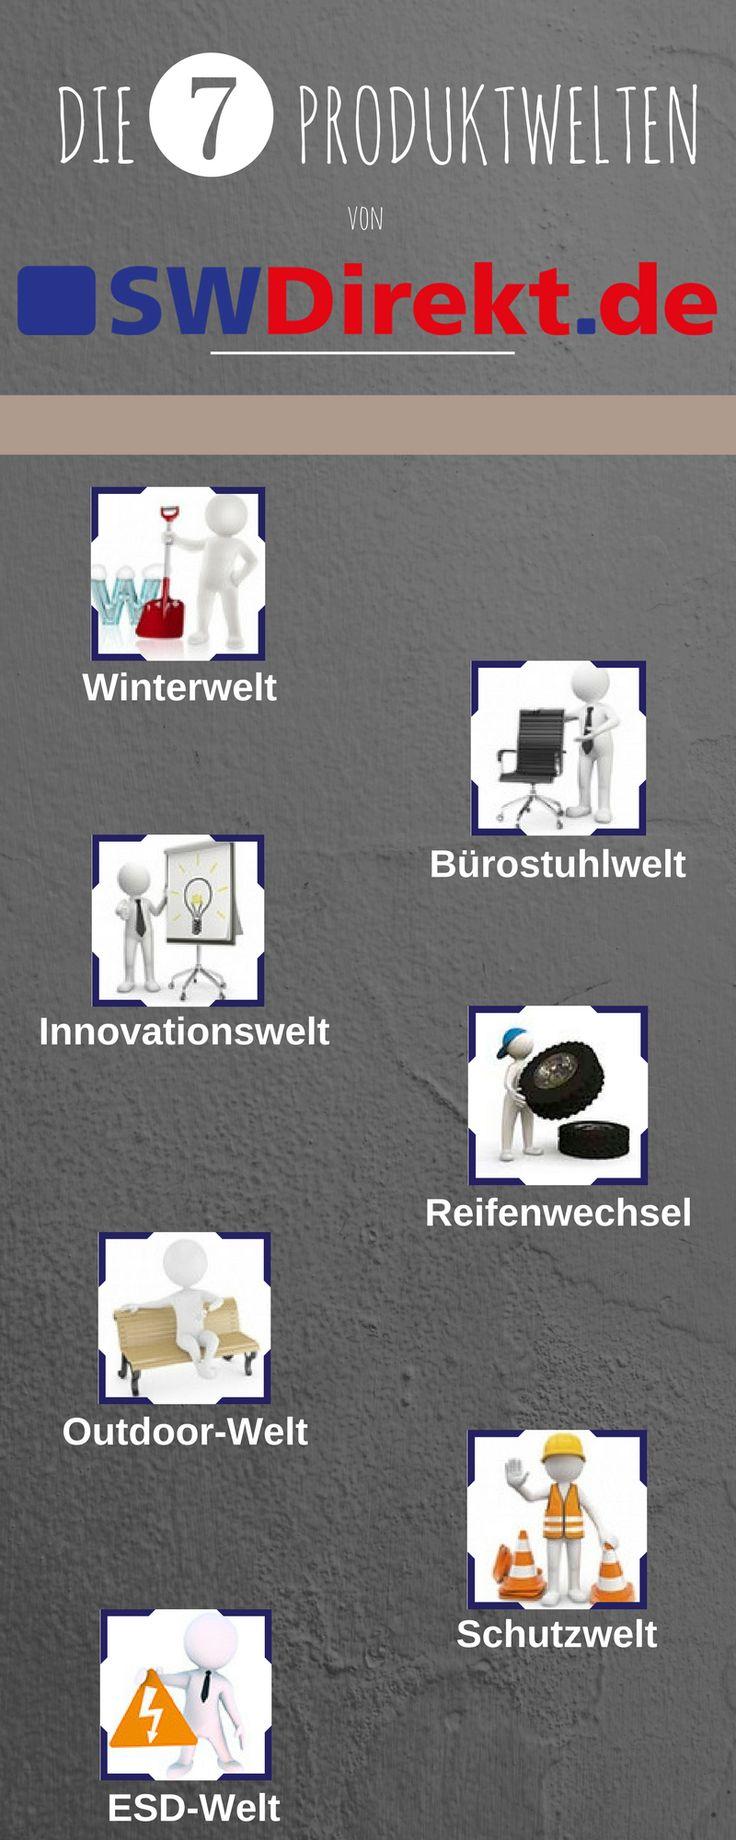 #Entdecken Sie unsere #Produktwelten! #Informationen rund um das #Unternehmen #SCHREIBER+WEINERT #GmbH, #swdirekt.de • Ihr #Partner für #Betriebsausstattung, #Büroeinrichtung, #Lagereinrichtung, #Büromaterial, #individuelle Lösungen, #Sonderkonstruktionen, #Transporttechnik, #Facilitymanagement, #Außenbereich, #Präsentationstechnik und vieles mehr auf höchstem #Niveau • Ihr #zuverlässiger #Lieferant in #Hannover #Niedersachsen mit #innovativen #Einrichtungsideen